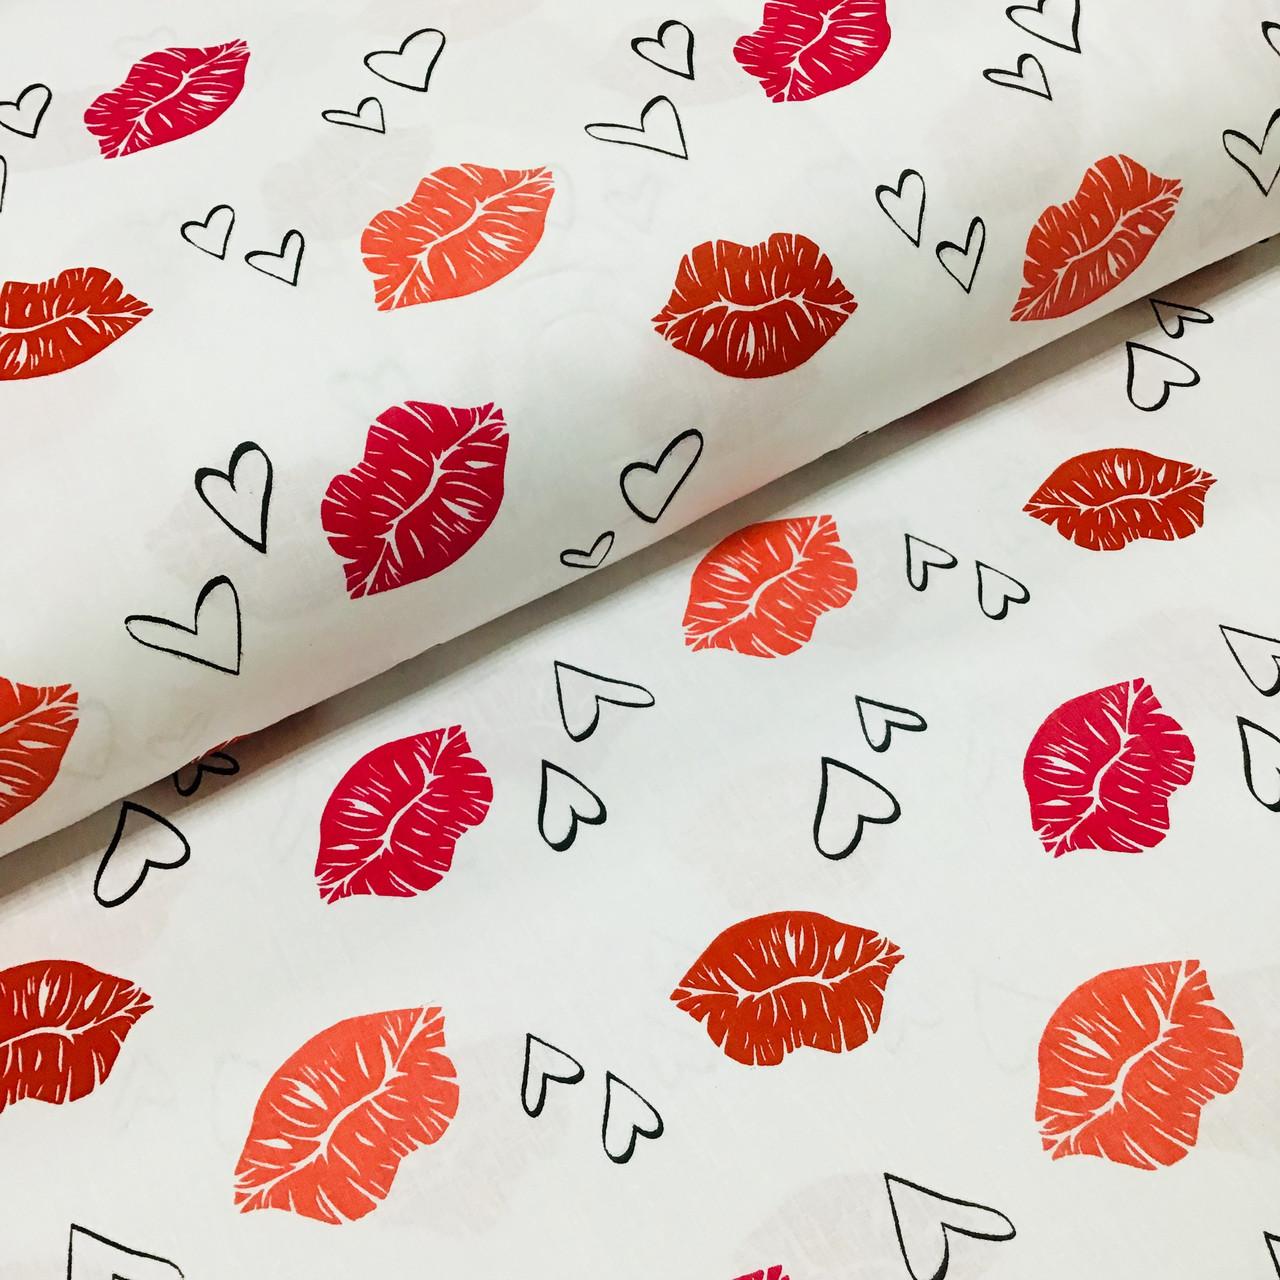 Ткань польская хлопковая, поцелуйчики малиново-красно-коралловые на белом